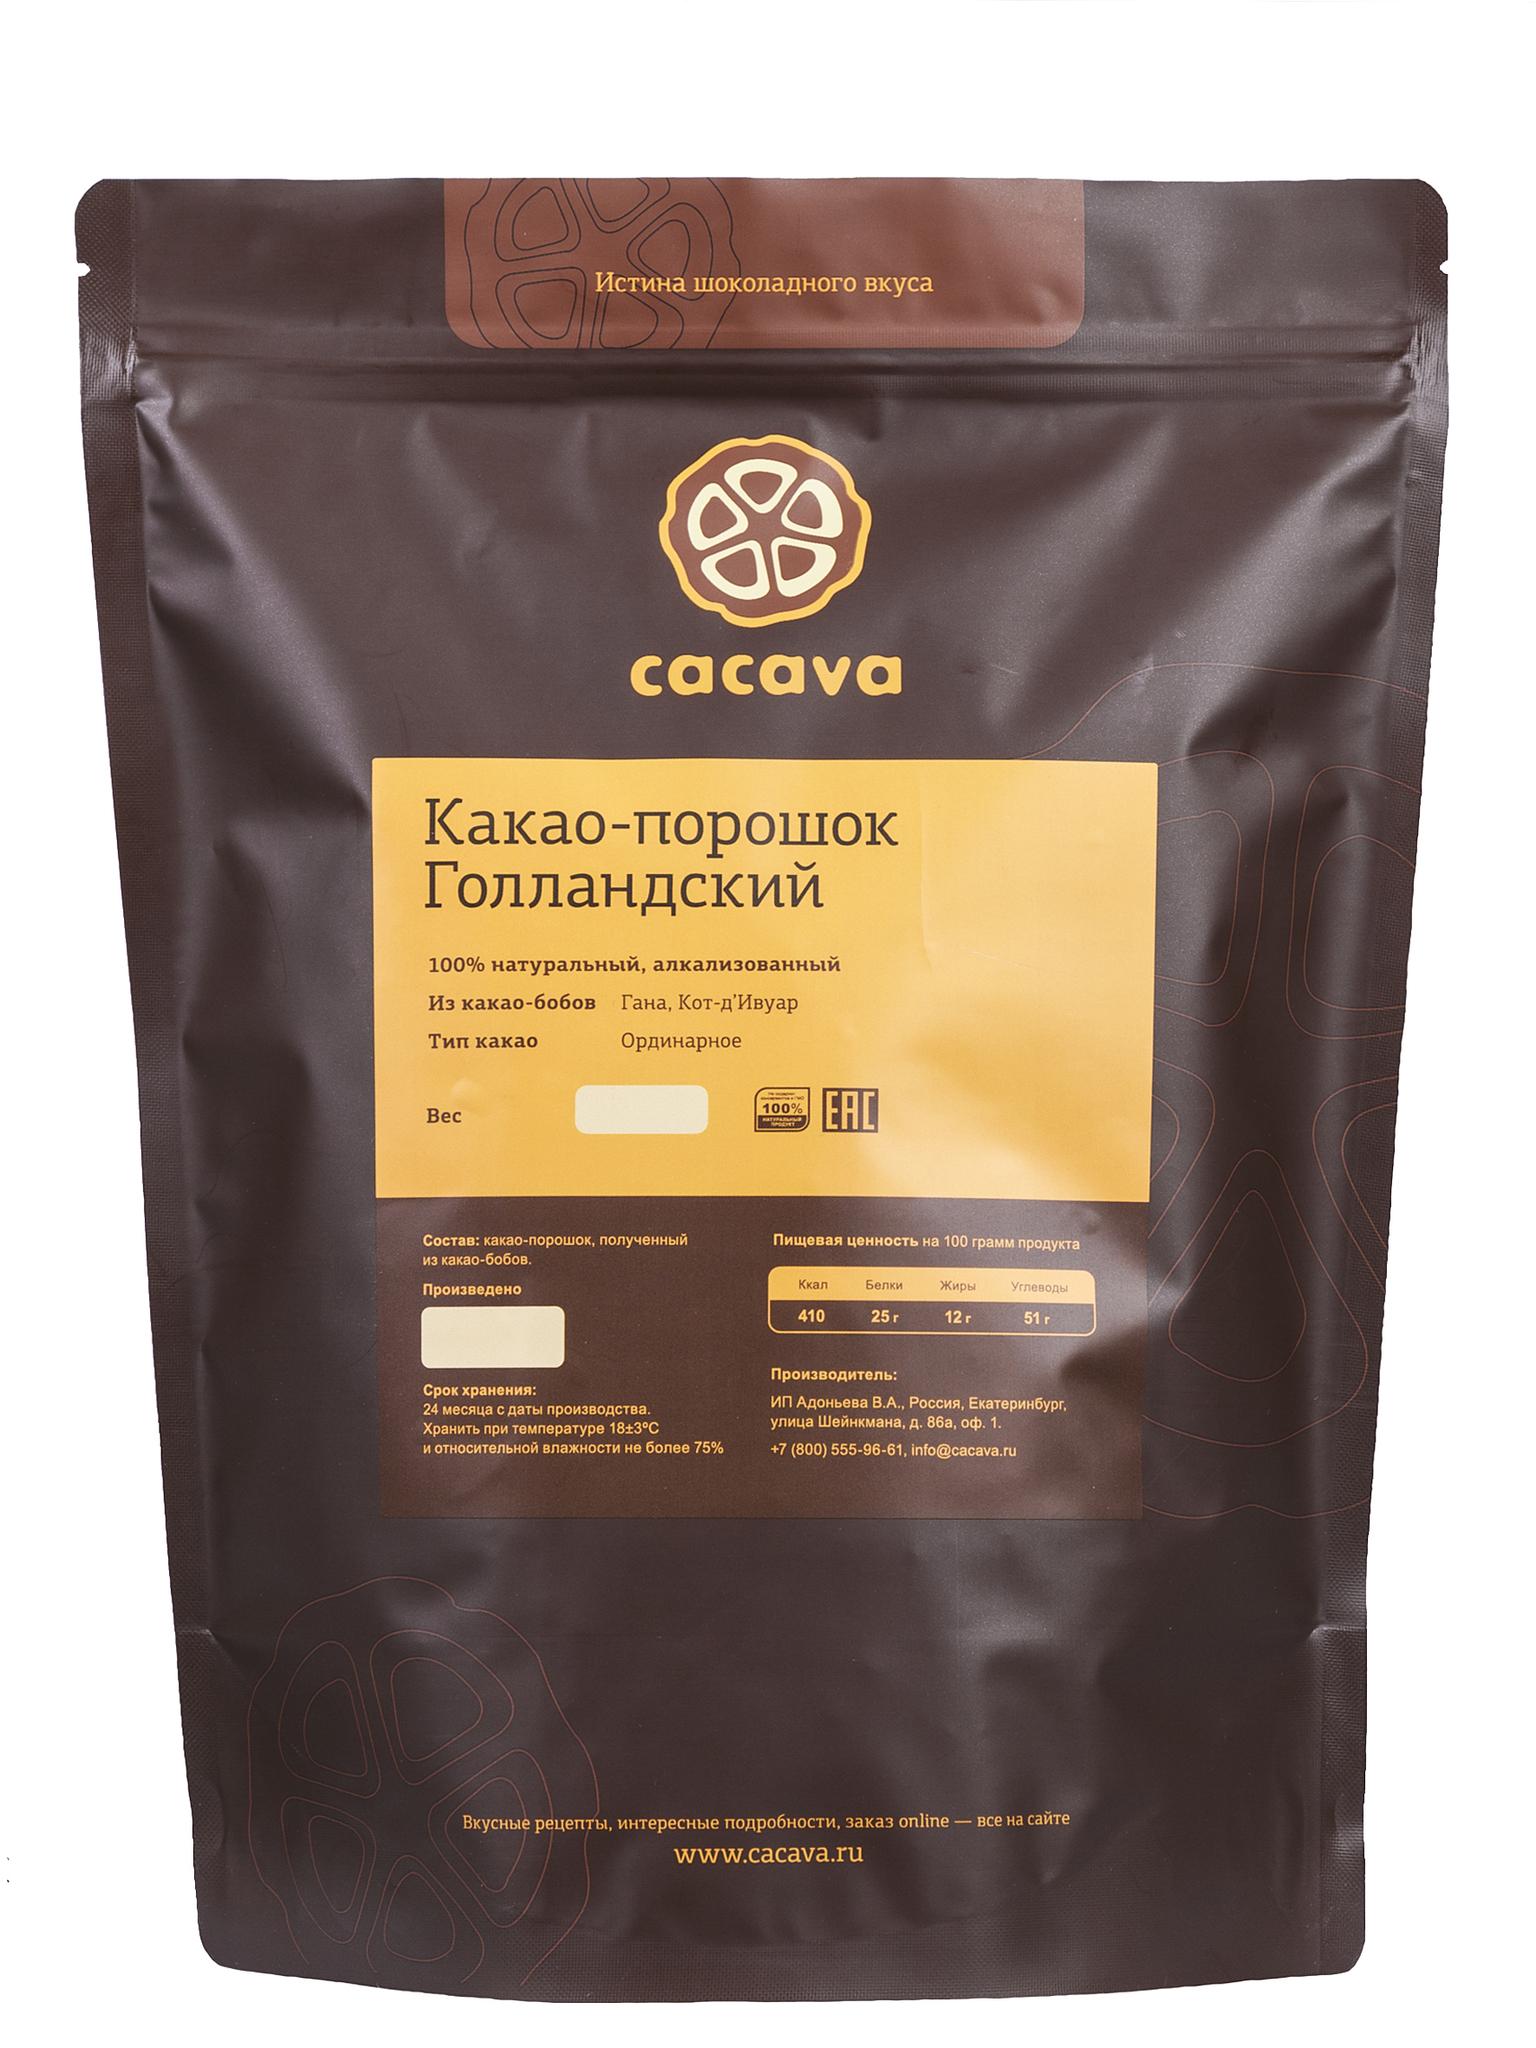 Какао-порошок Голландский, упаковка 1 кг